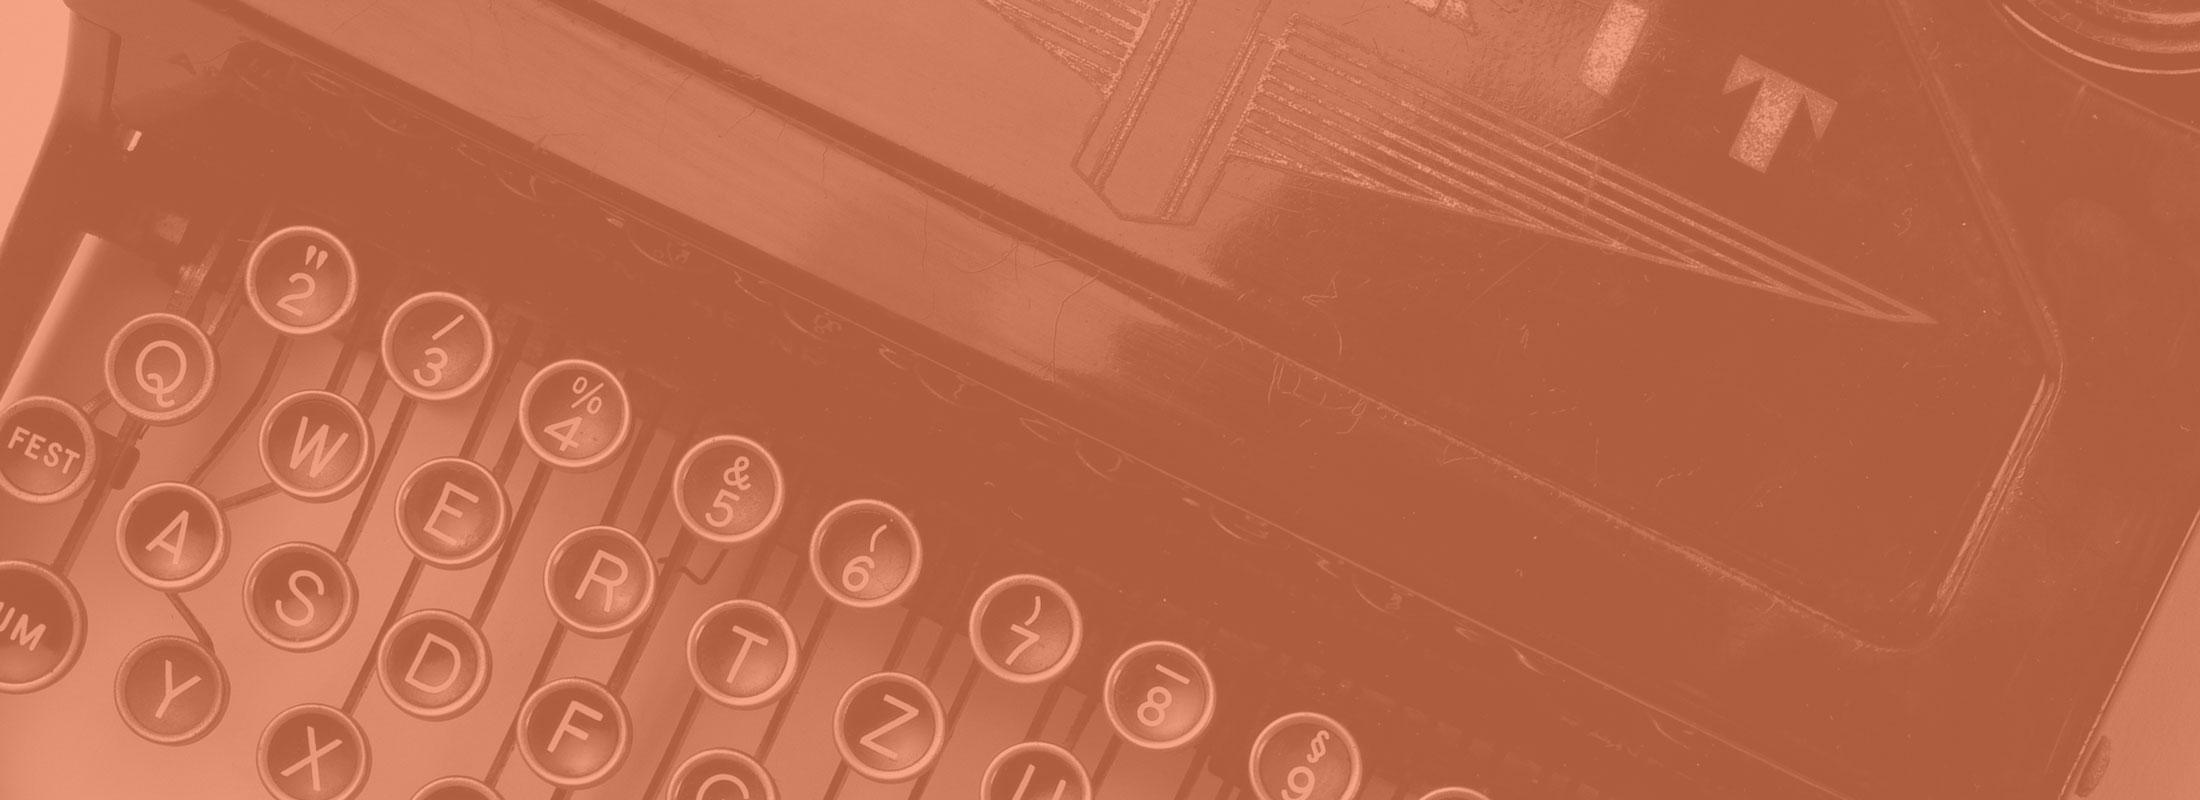 Close Up of Old Typewriter